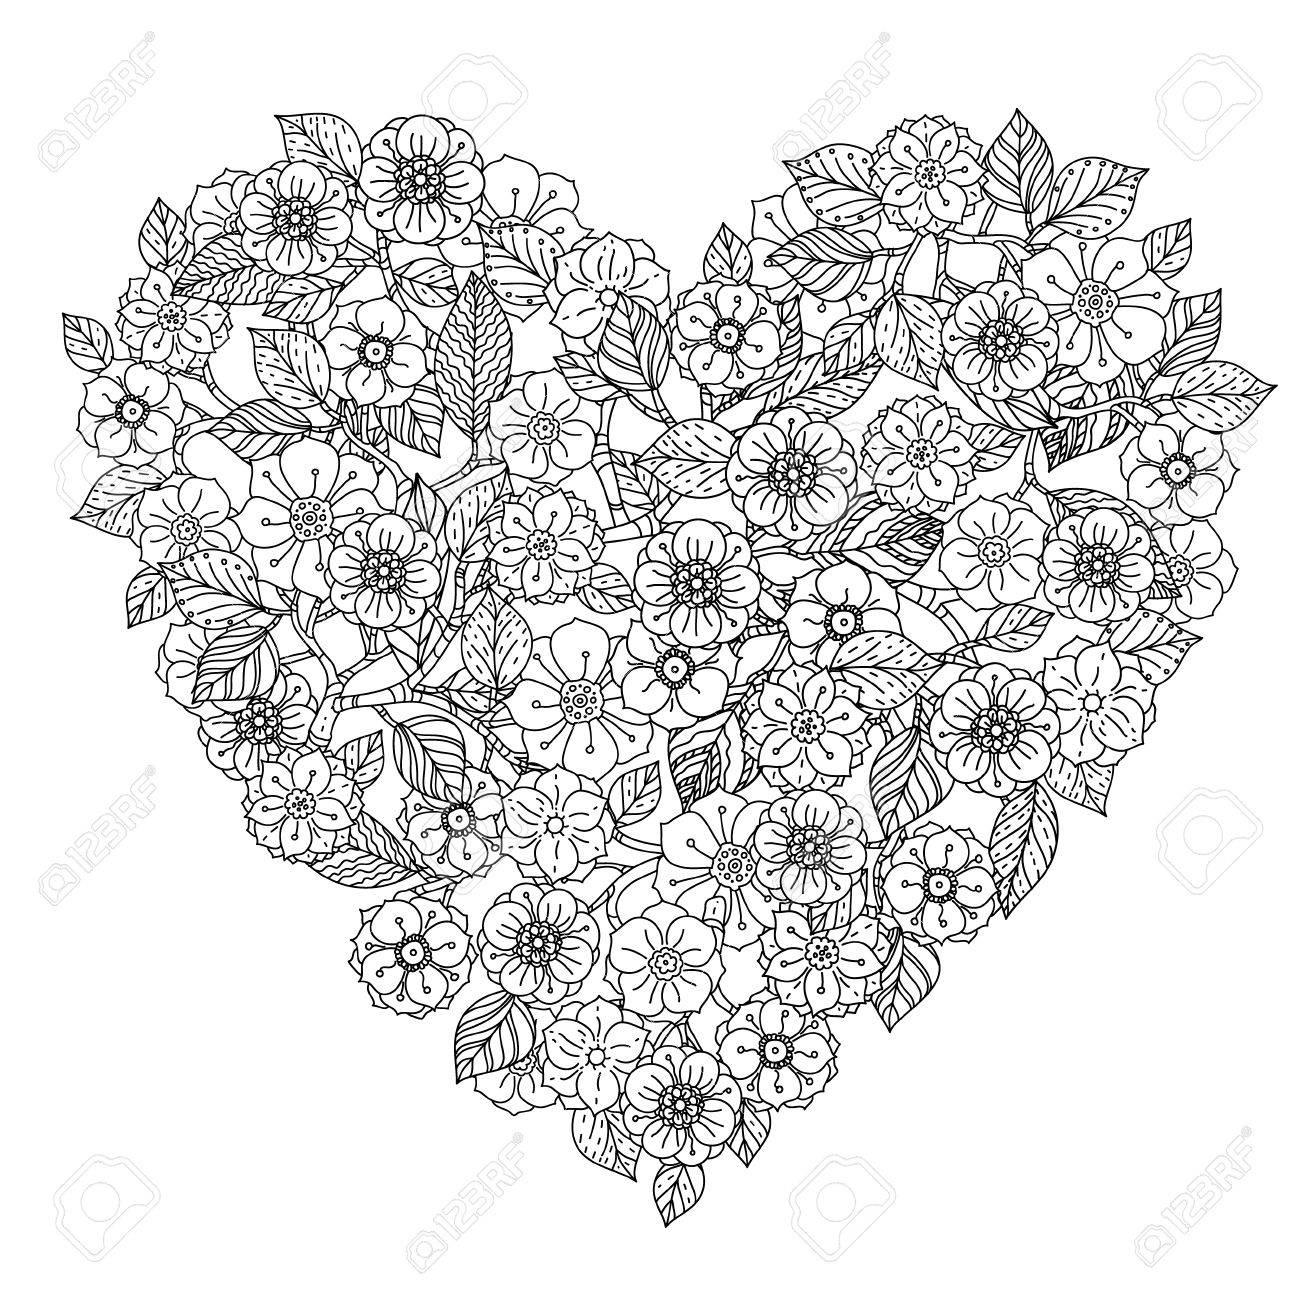 Main Élément De Dessin. Noir Et Blanc. Fleur Style Mandala. dedans Dessiner Un Mandala